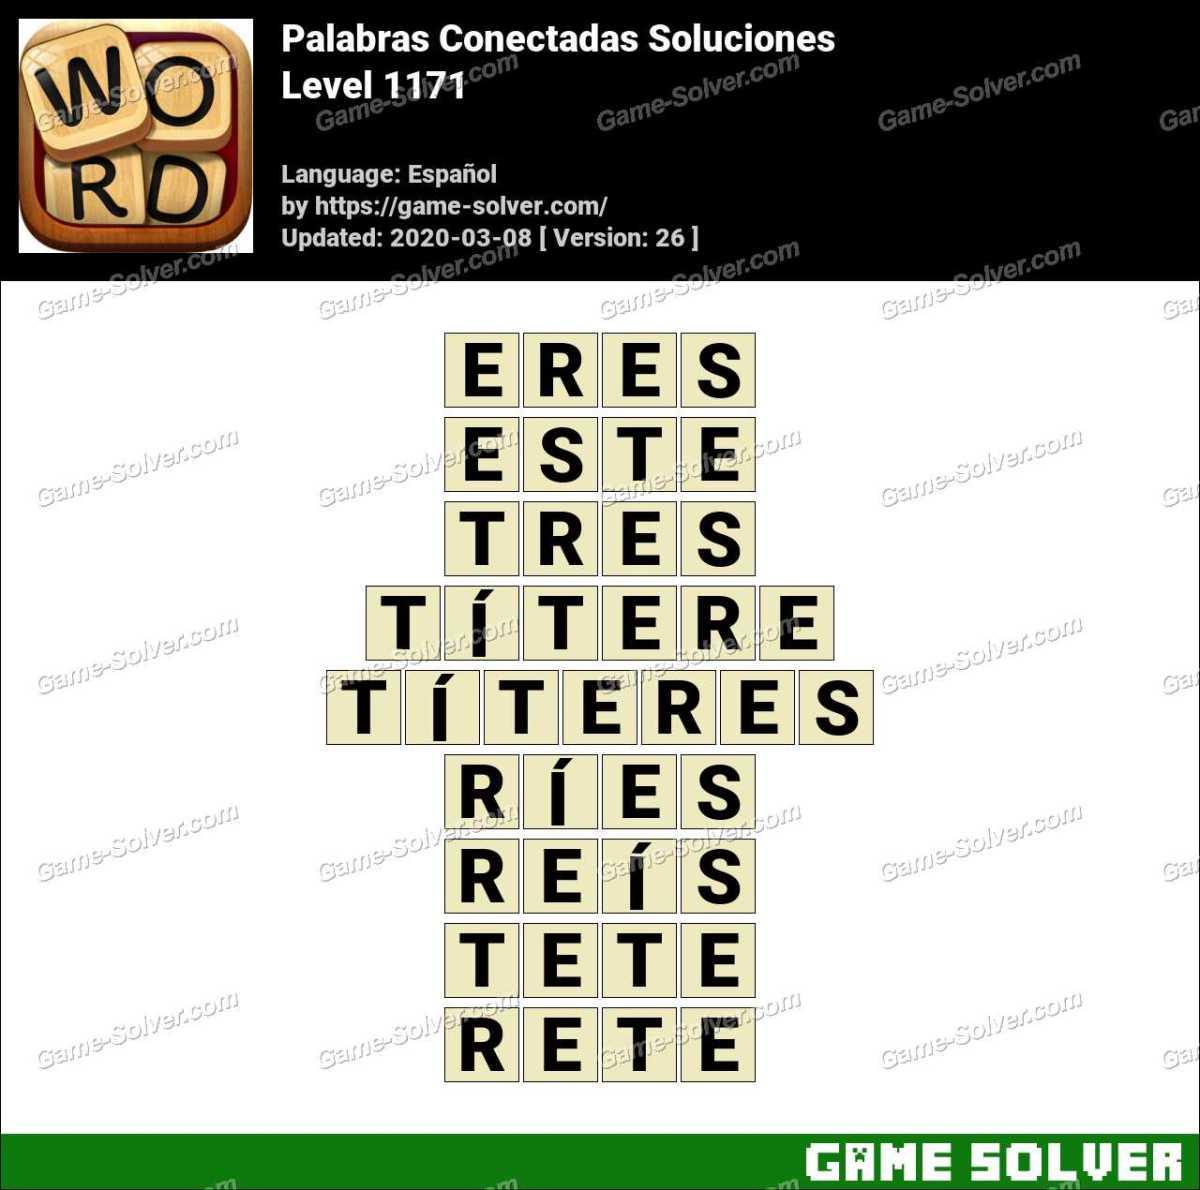 Palabras Conectadas Nivel 1171 Soluciones